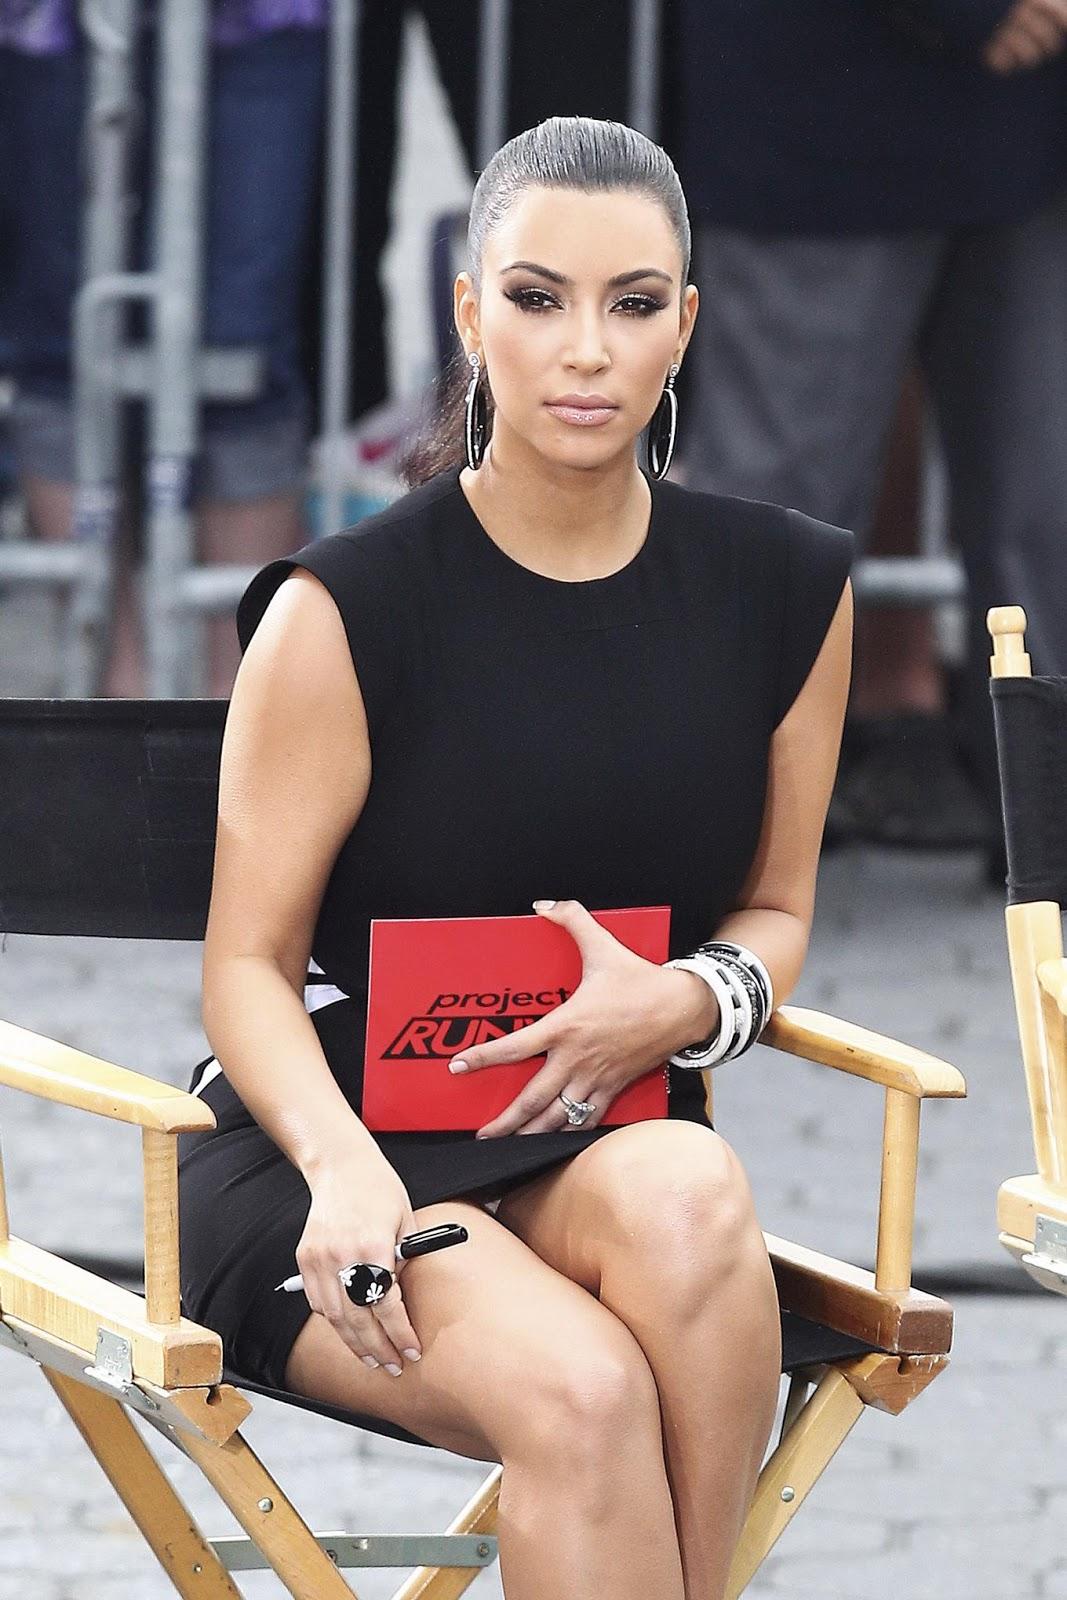 http://4.bp.blogspot.com/-eEqVGMln38k/TtjUcjJdy1I/AAAAAAAADJ4/itnqTur-NJA/s1600/kim_kardashian_02.jpg